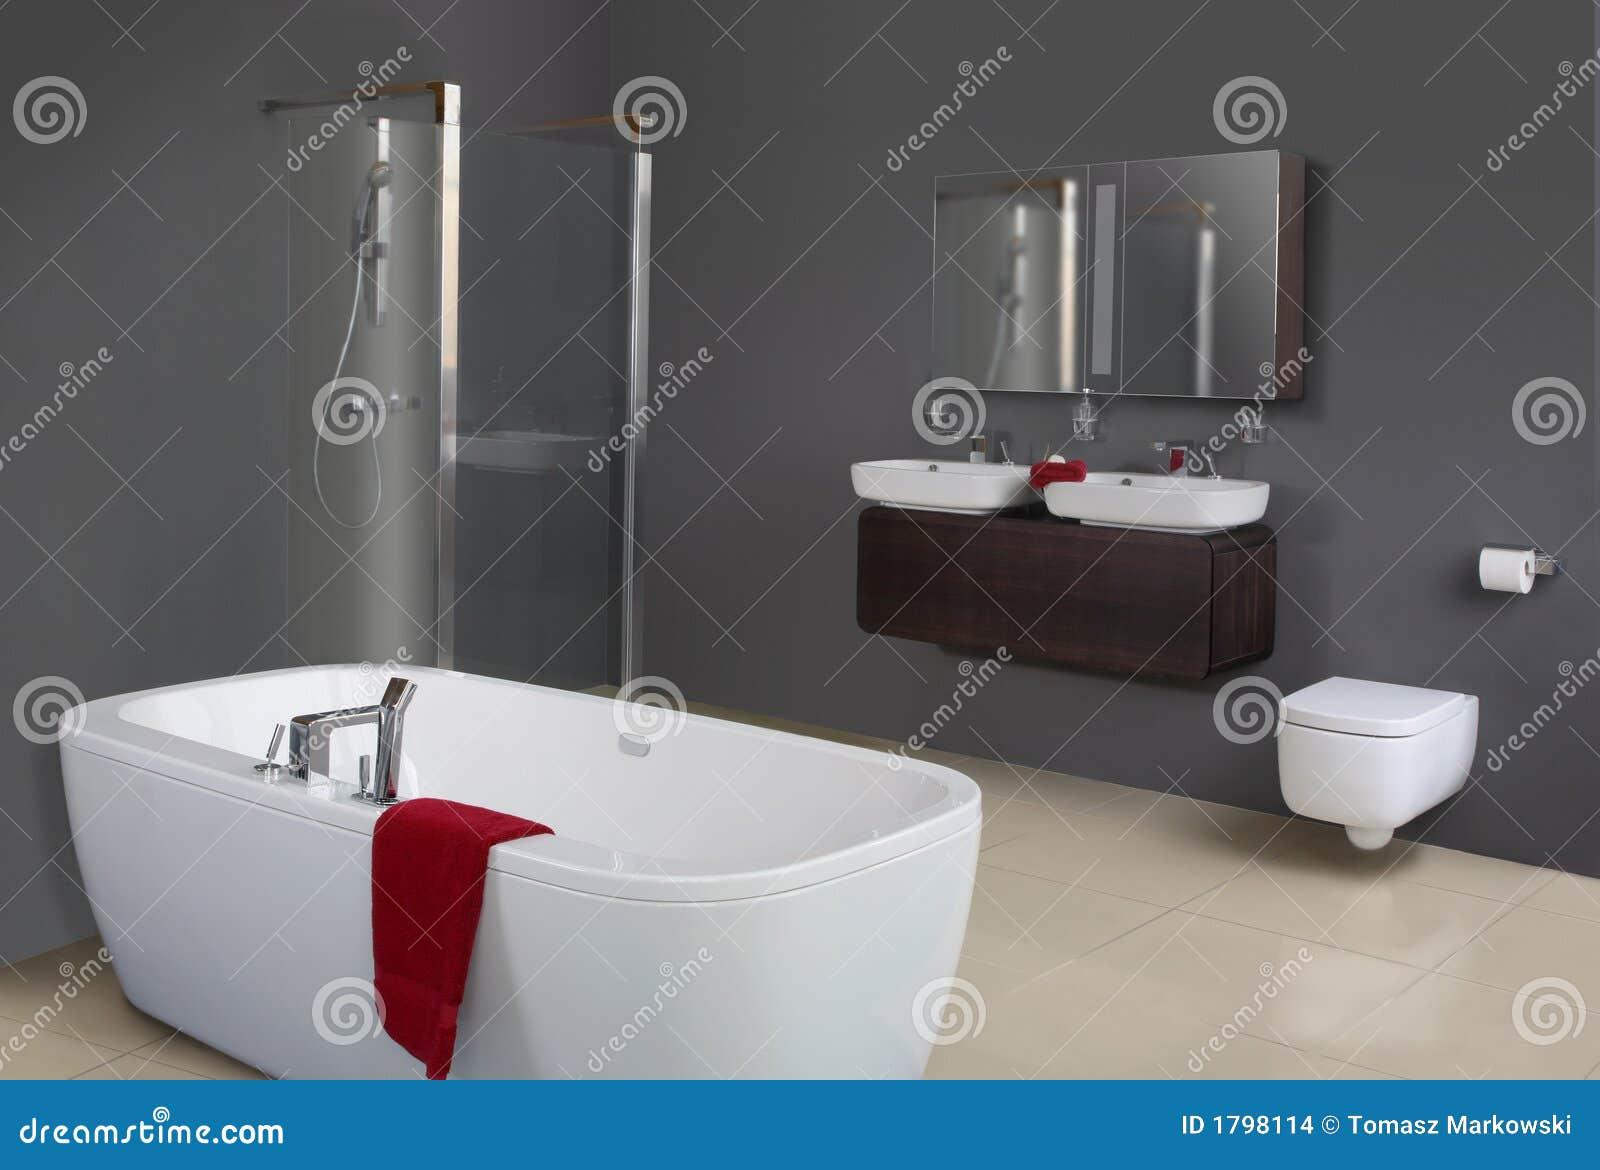 Modernes graues badezimmer stockfoto bild von beschl ge - Graues badezimmer ...